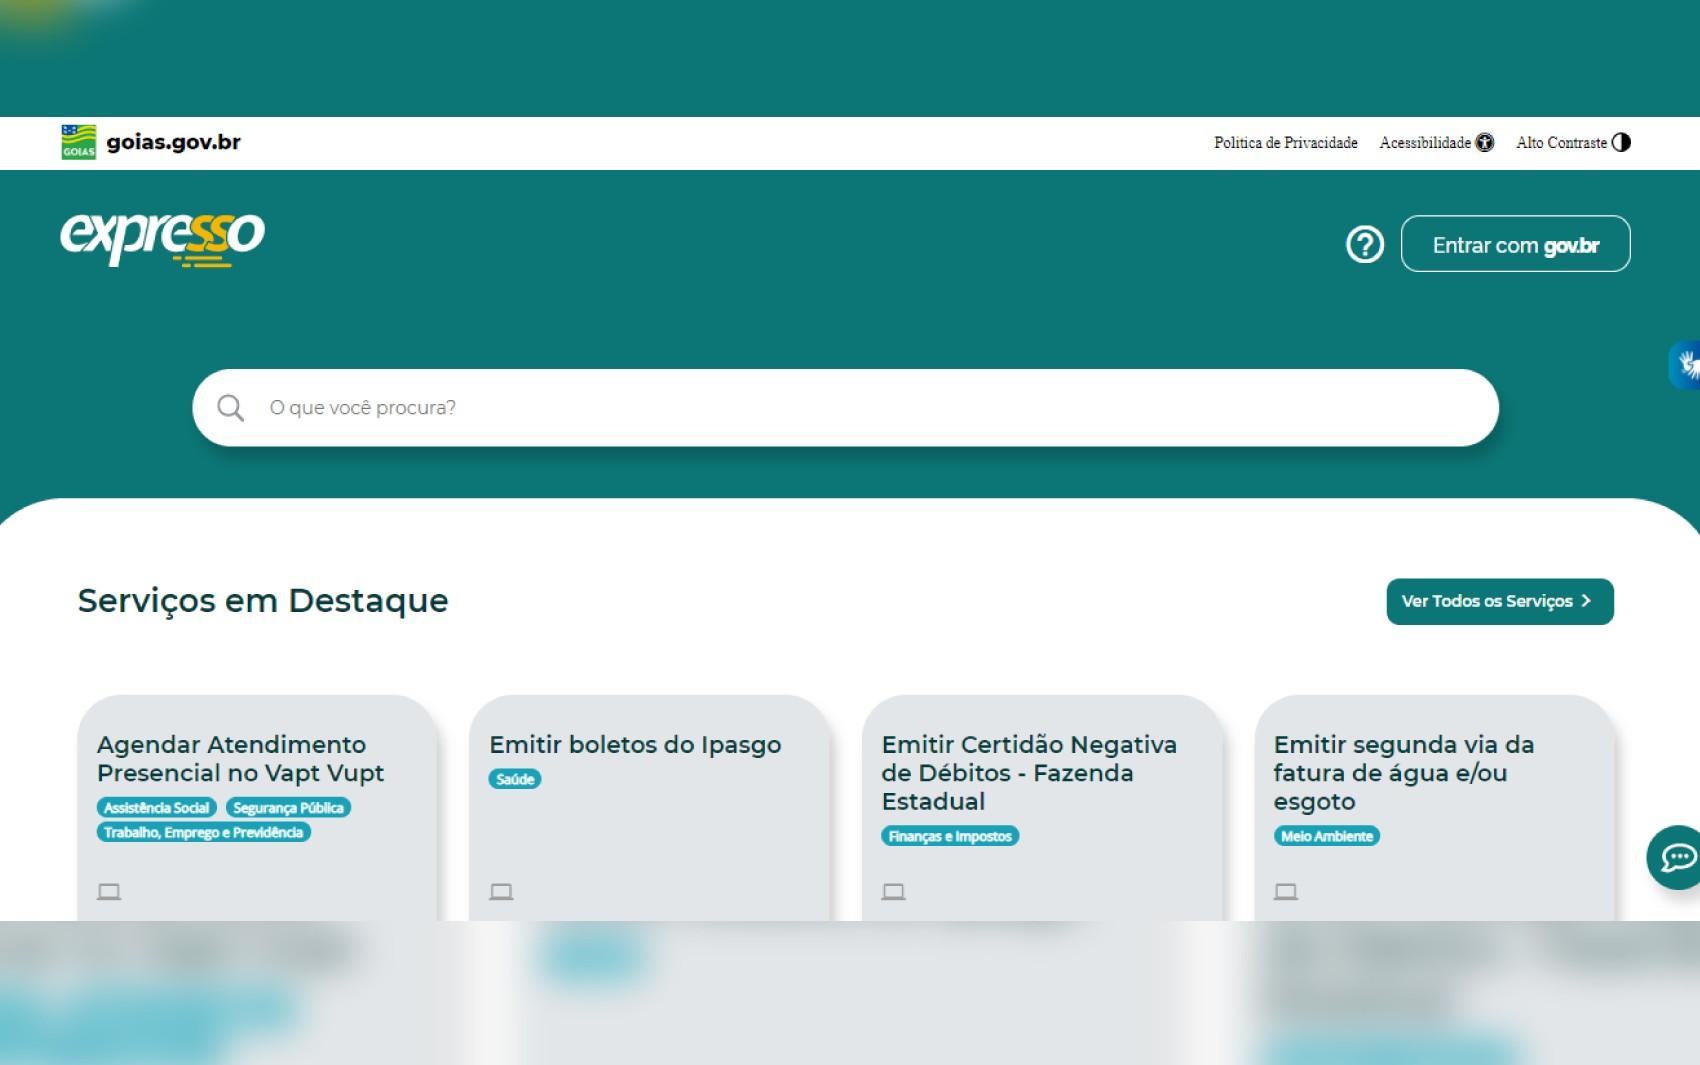 Plataforma on-line de serviços públicos, 'Expresso' é lançado pelo governo de Goiás